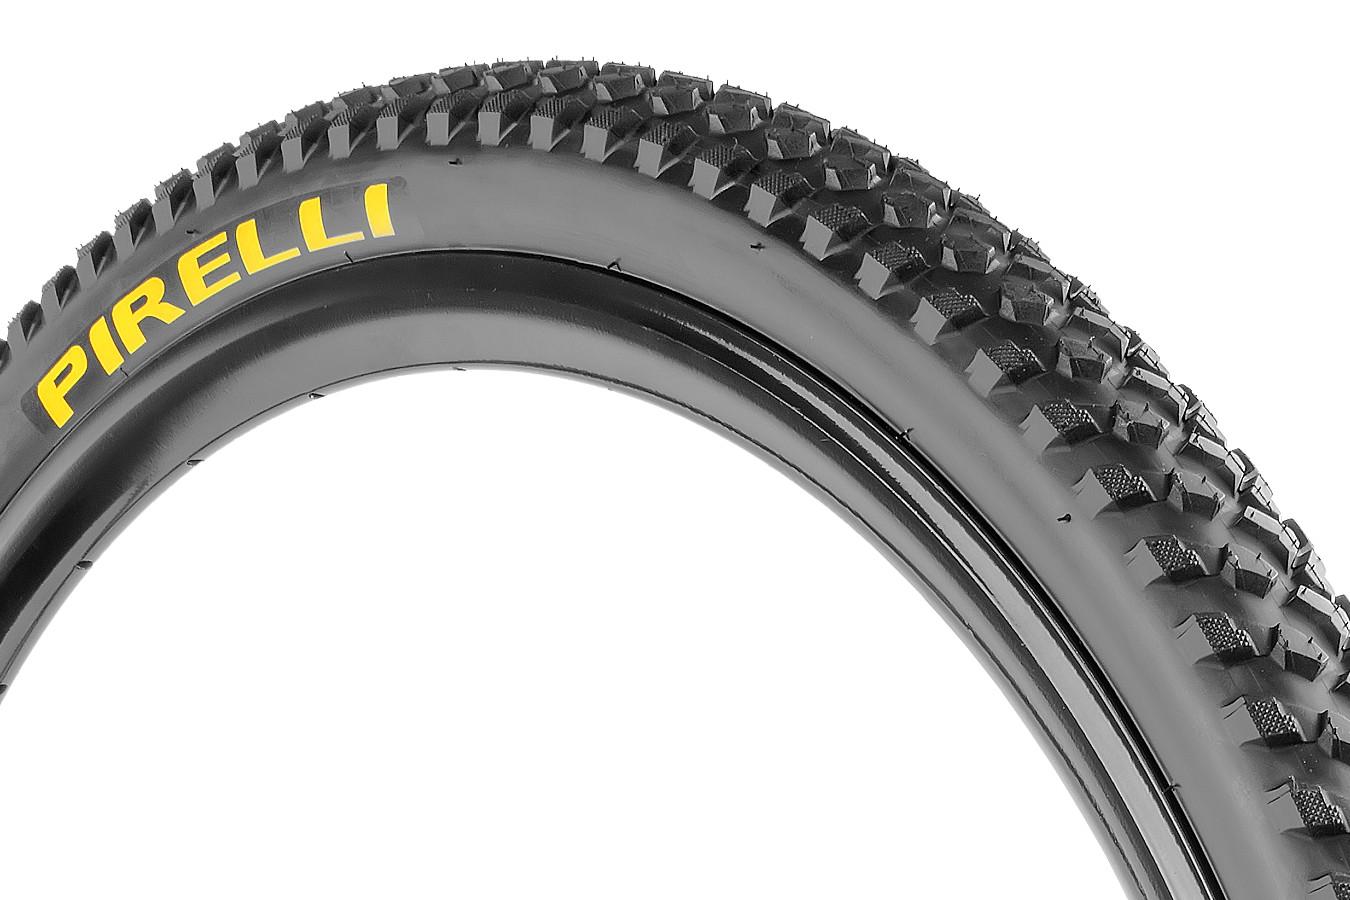 Pneu 29x2.00 (50-622) Scorpion MB II - Pirelli